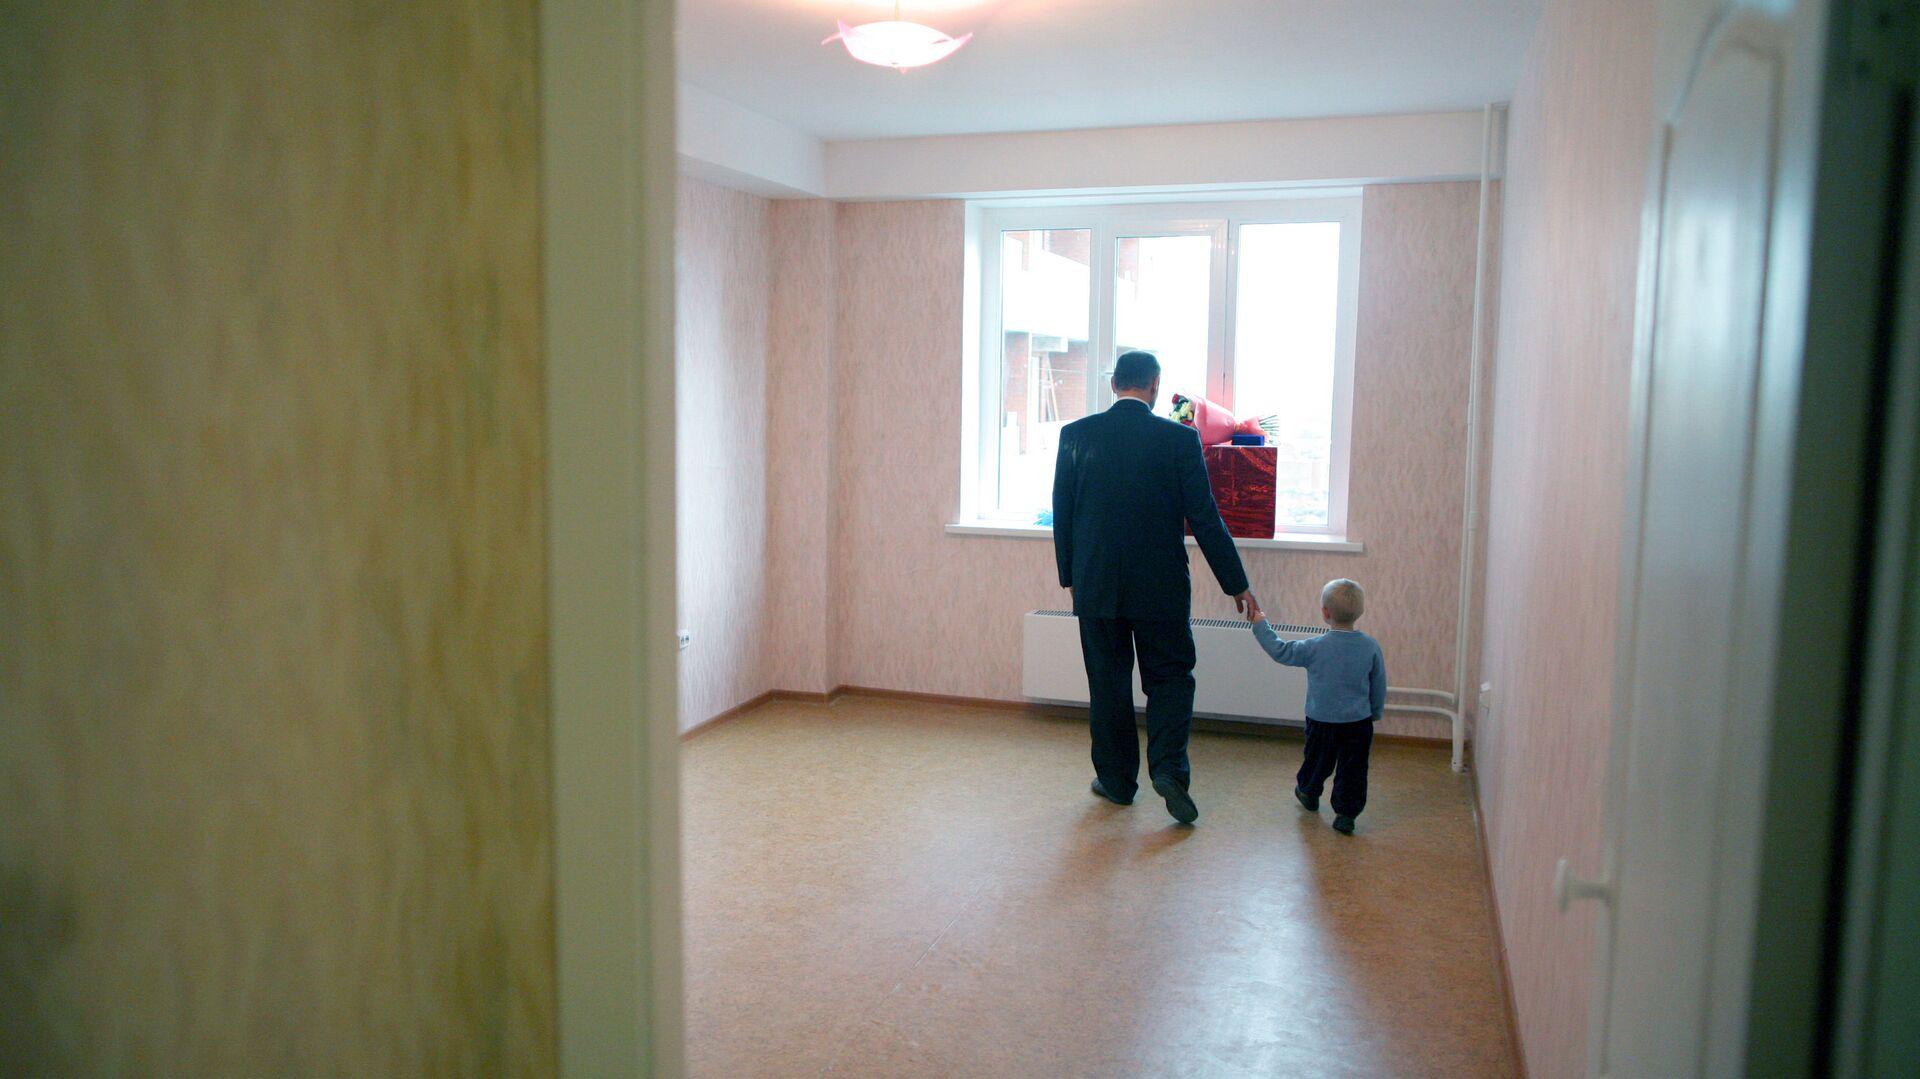 Заселение многодетной семьи из Новосибирска в новую квартиру - РИА Новости, 1920, 04.02.2019